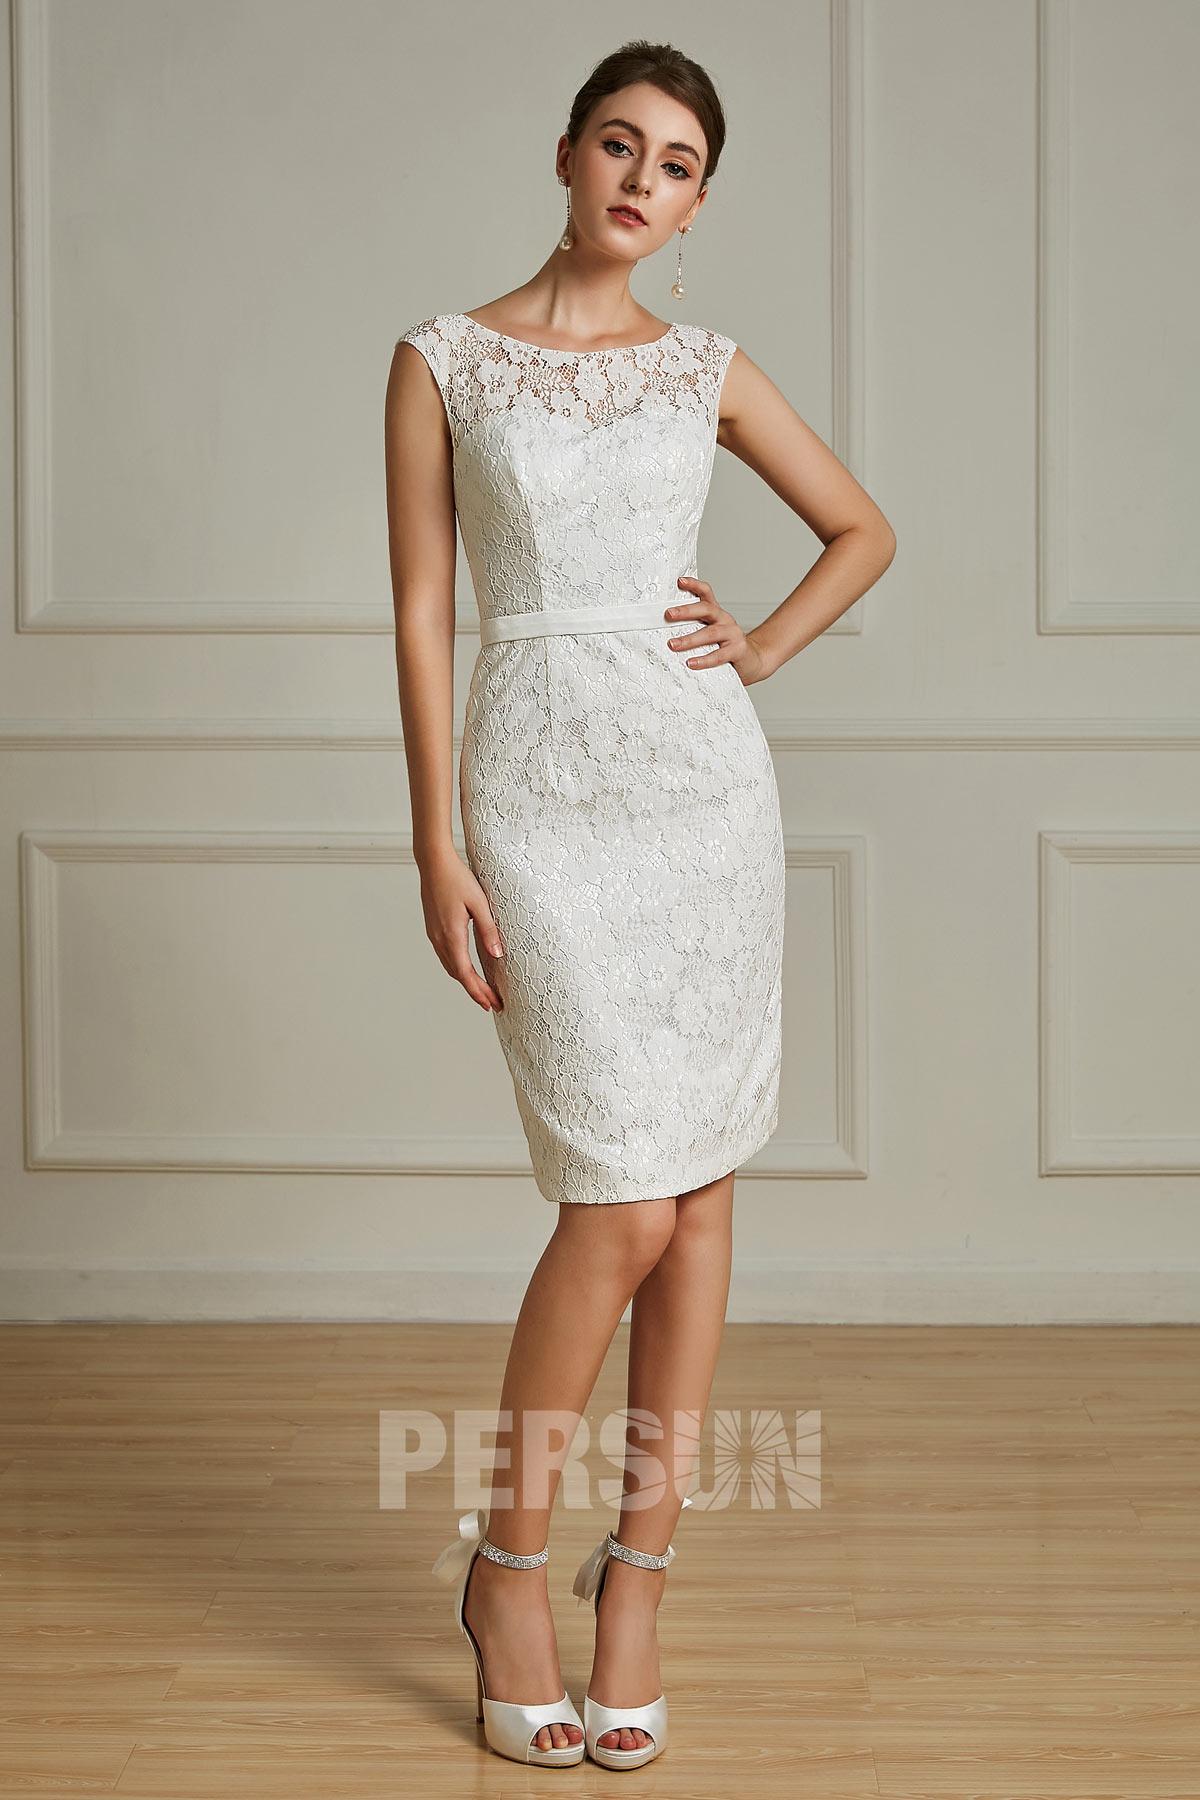 comment assortir robe mariée courte dentelle